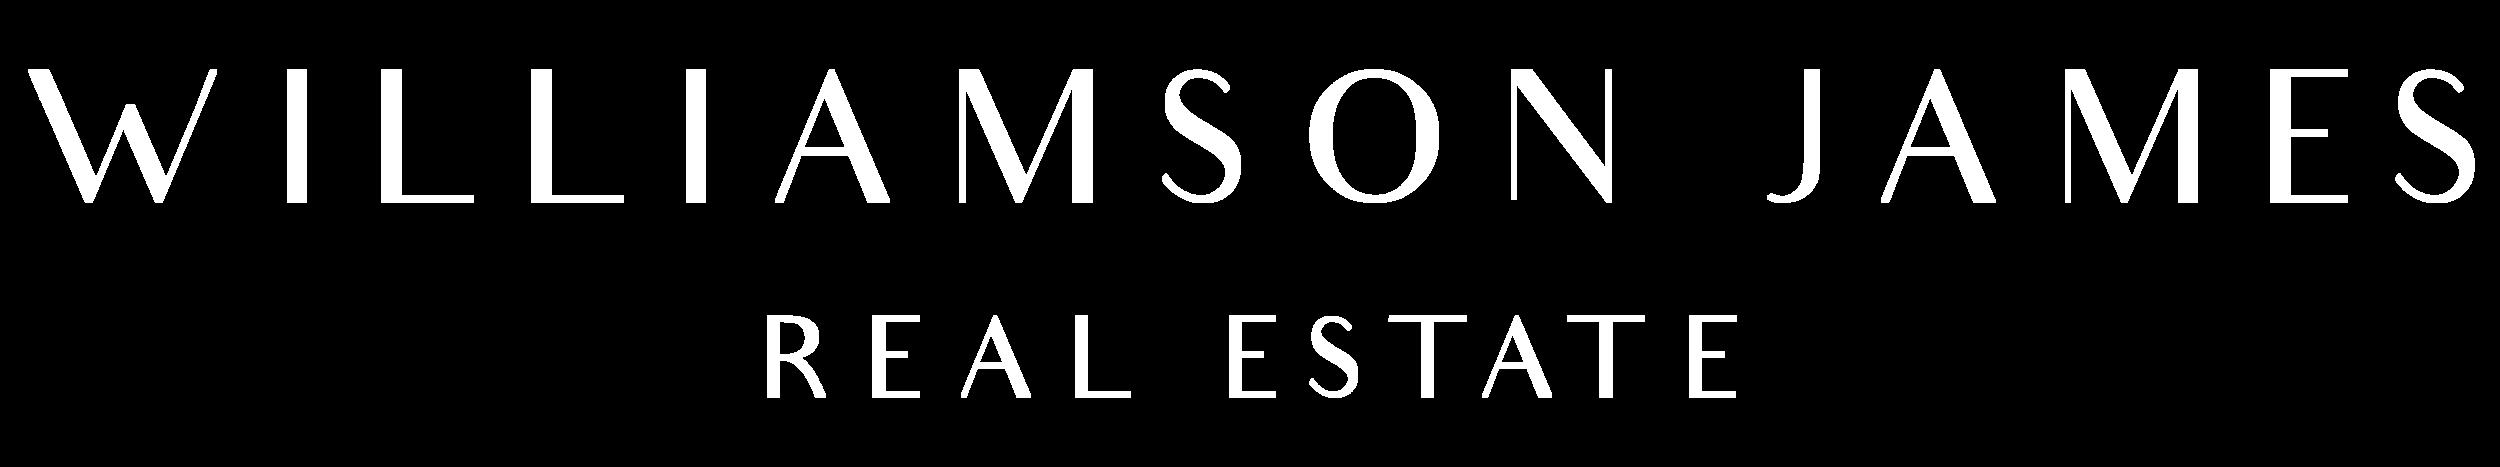 WJH_Logos_Horizontal_RealEstate_White.png